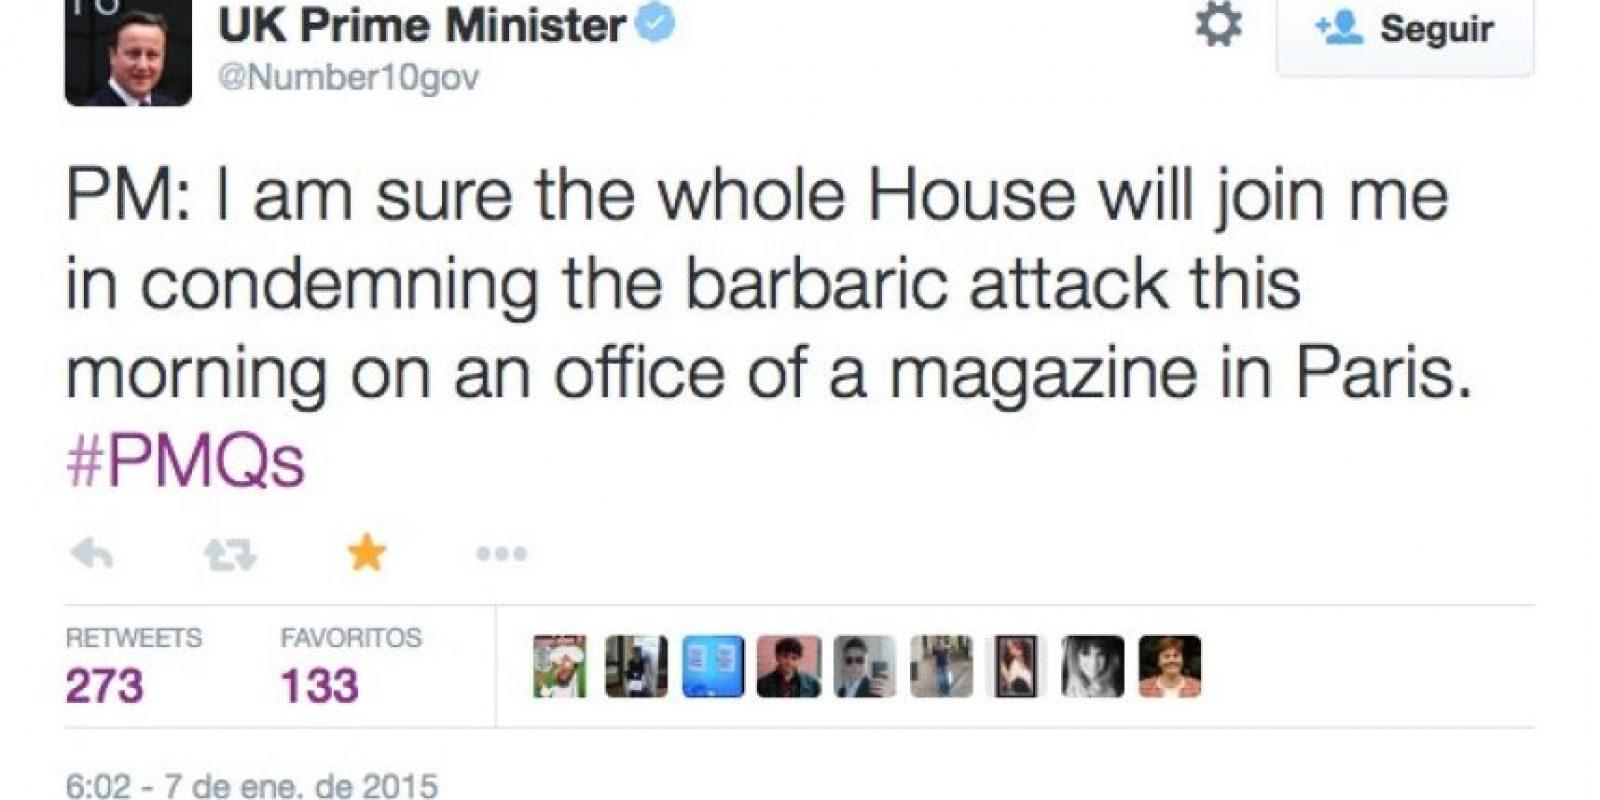 """También David Cameron, pero desde la cuenta del Primer Ministro: """"Estoy seguro que la Casa de Representantes se unirá conmigo en condenar los ataques barbáricos en la redacción de semanario en Francia"""" Foto:Twitter"""